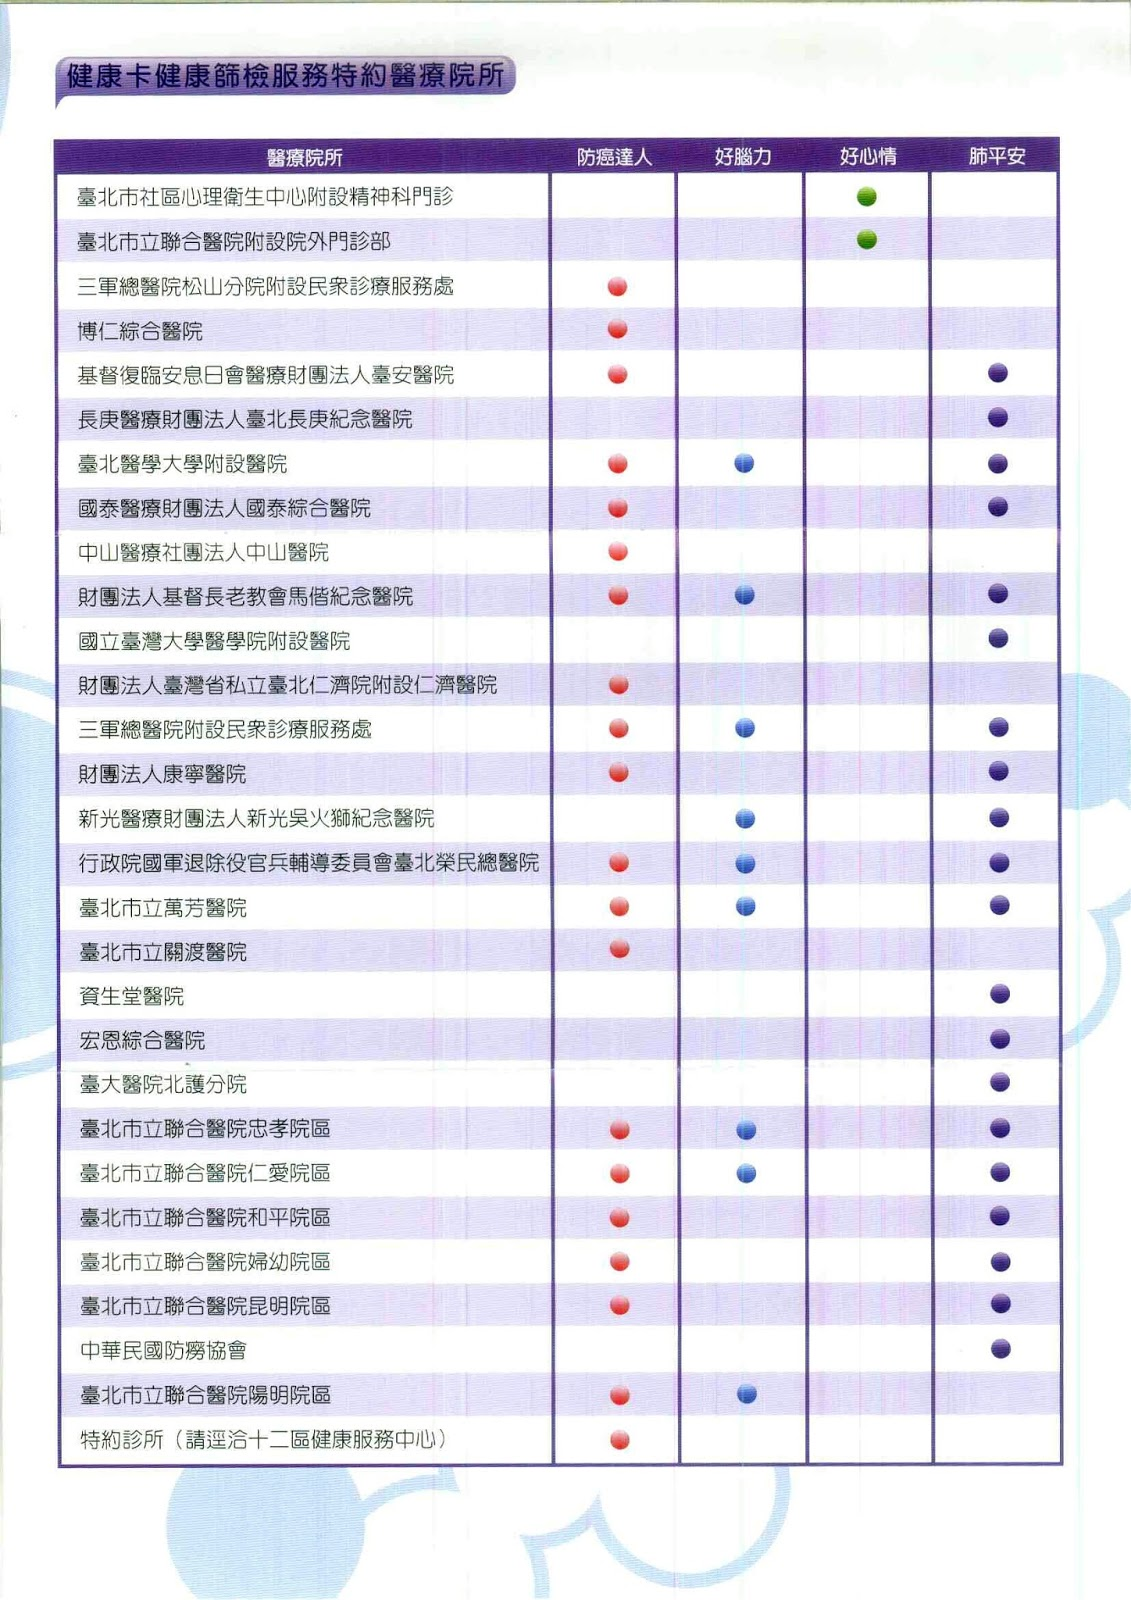 臺北市成衣熨燙人員職業工會: 各項申請表